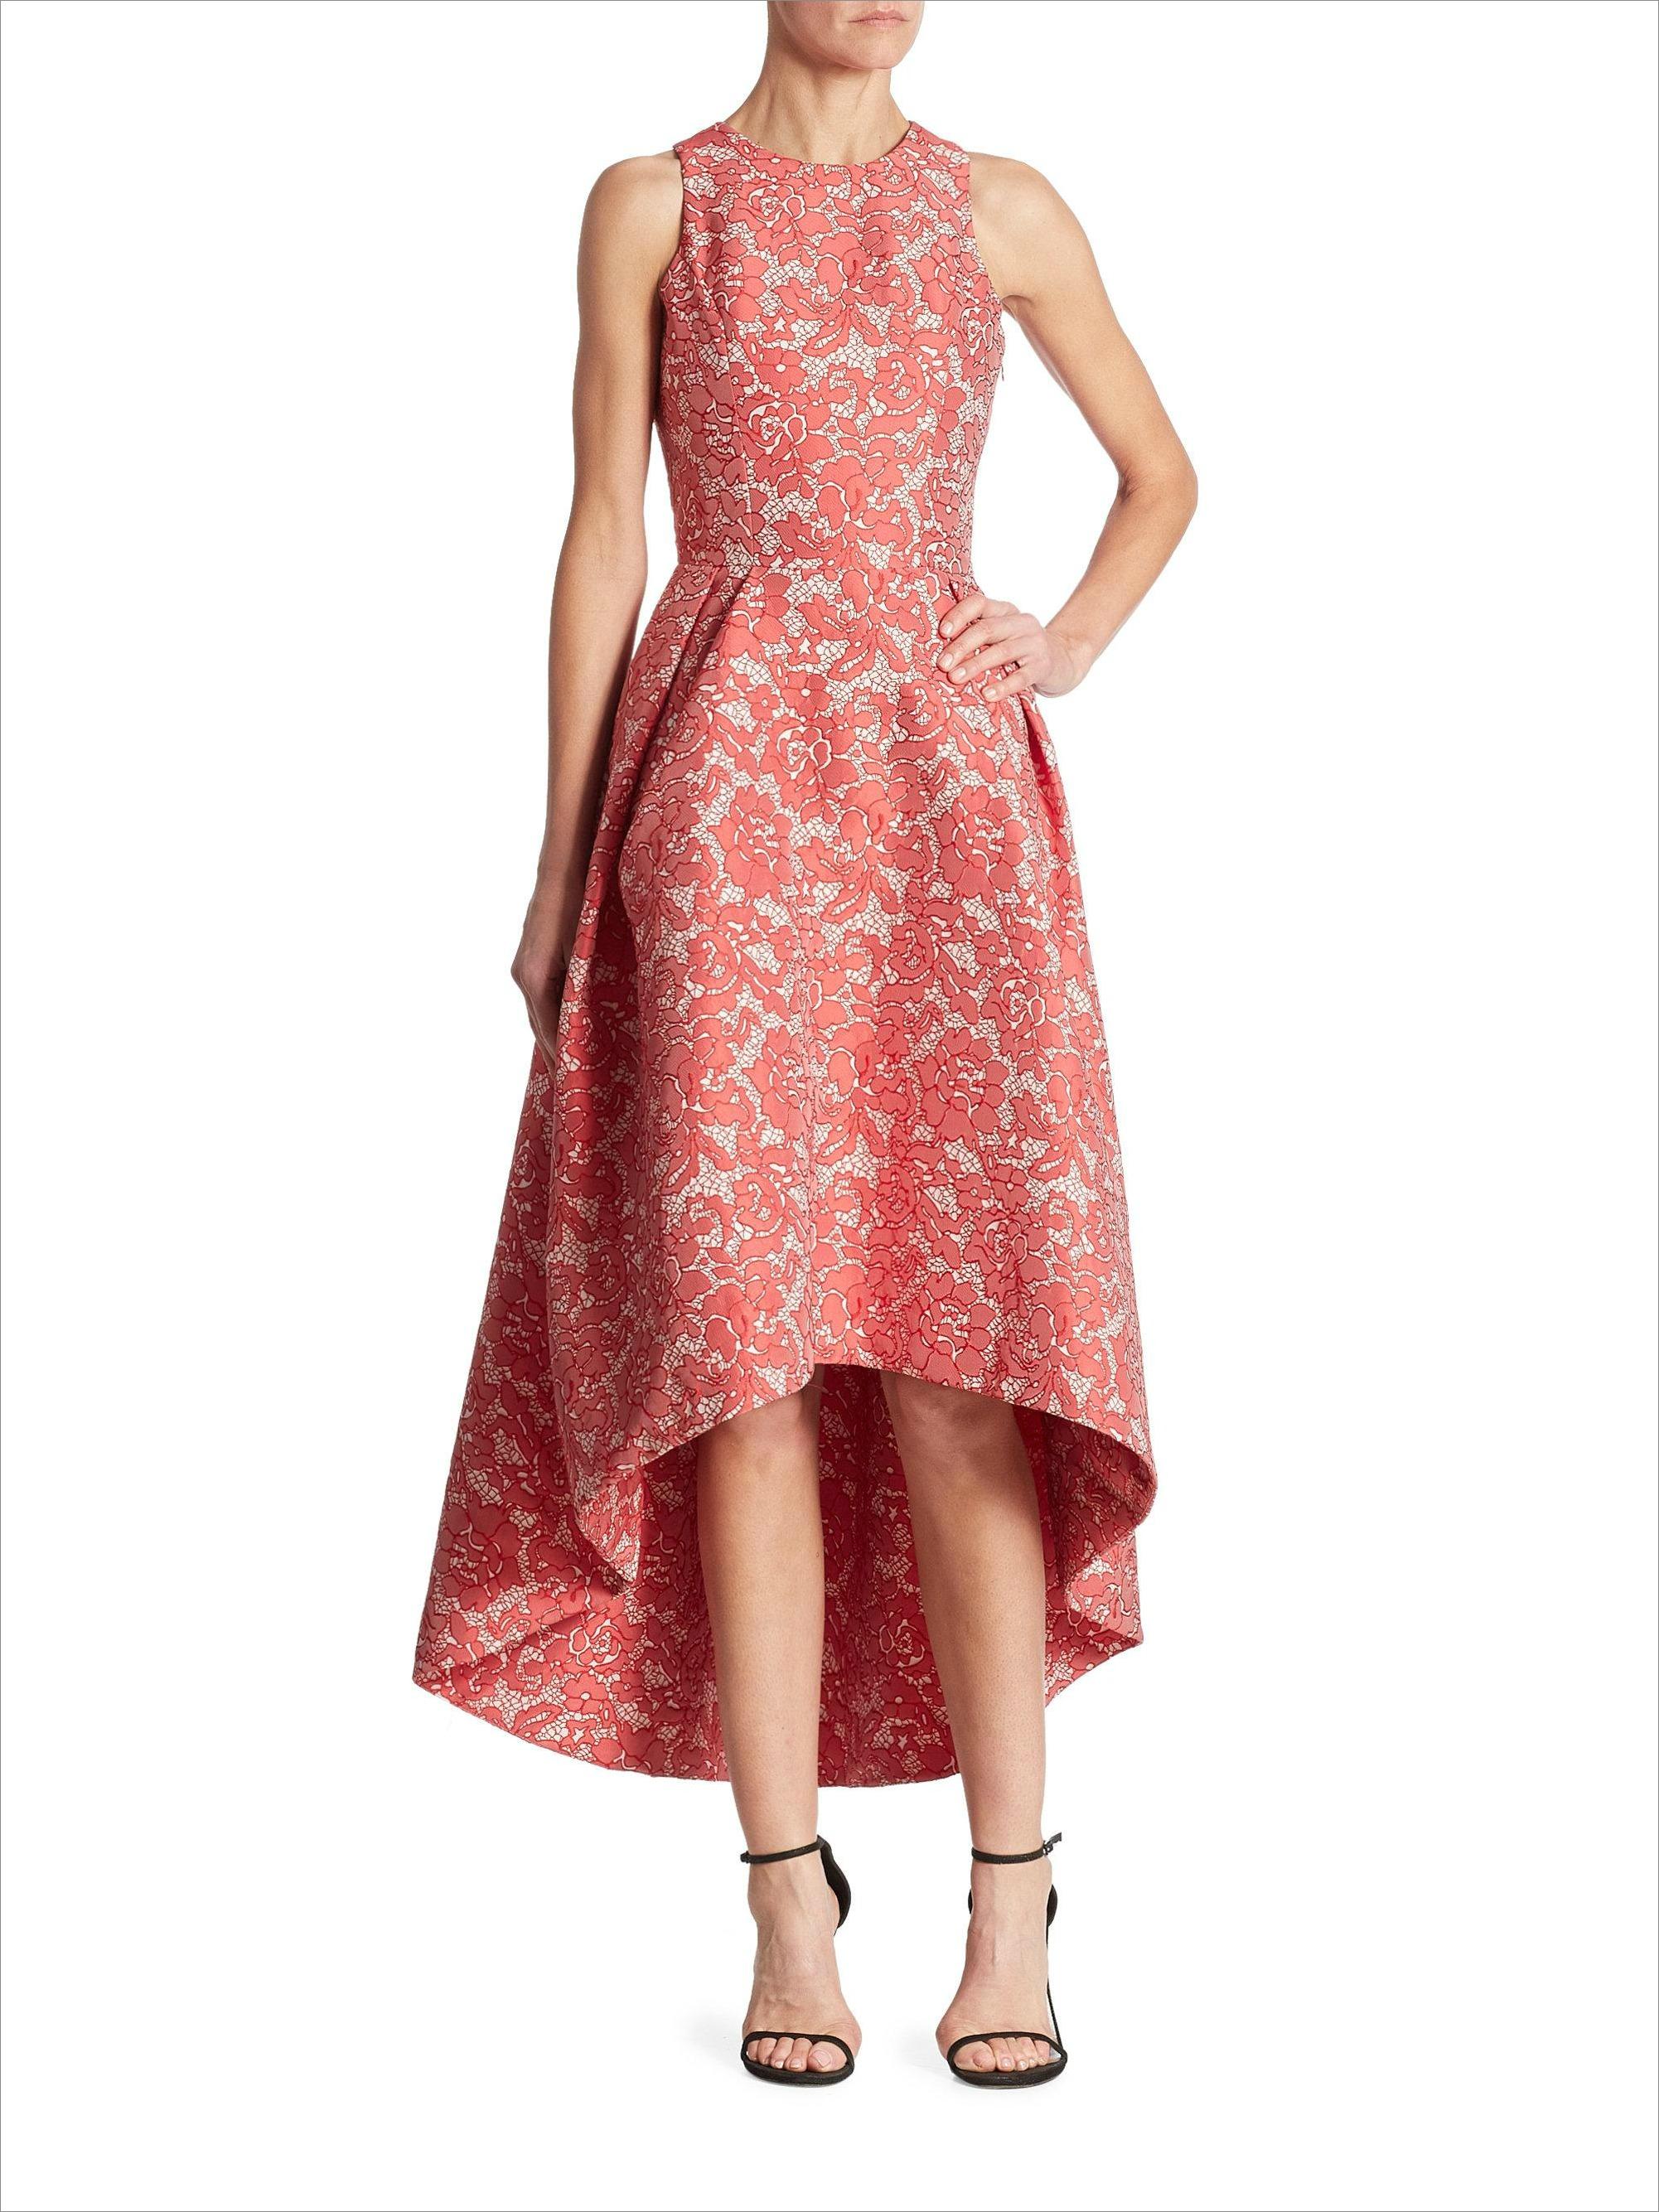 Wedding ideas 25 wedding guest dresses you 39 ll love for High low wedding guest dresses